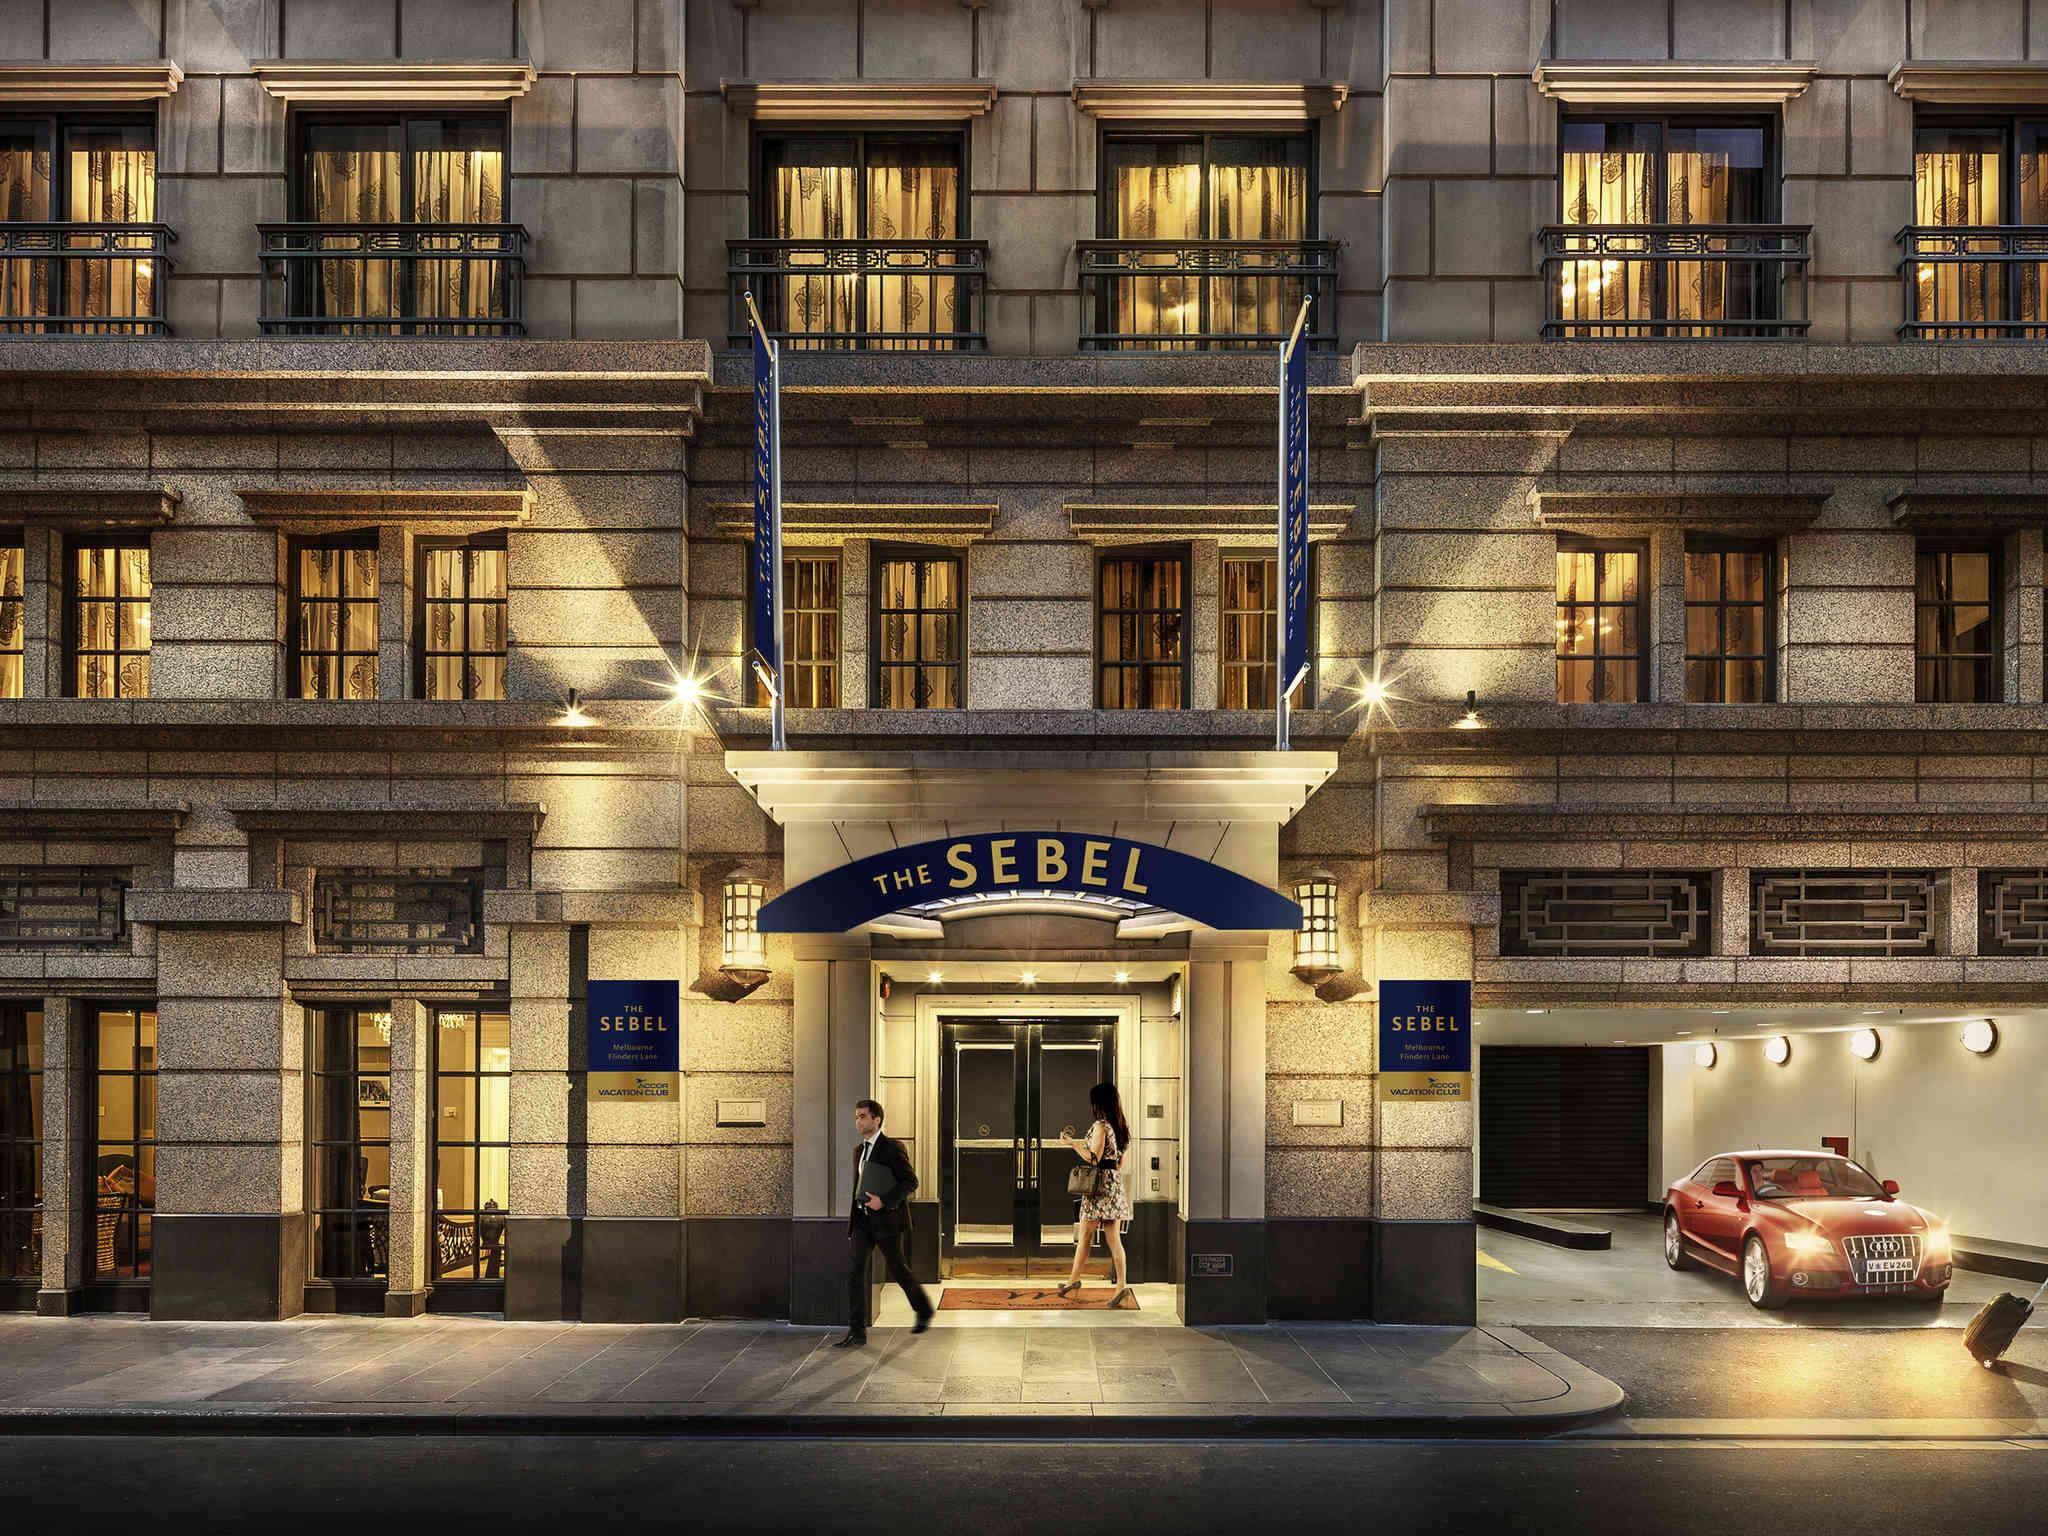 โรงแรม – เดอะ ซีเบล เมลเบิร์น ฟลินเดอร์ส เลน